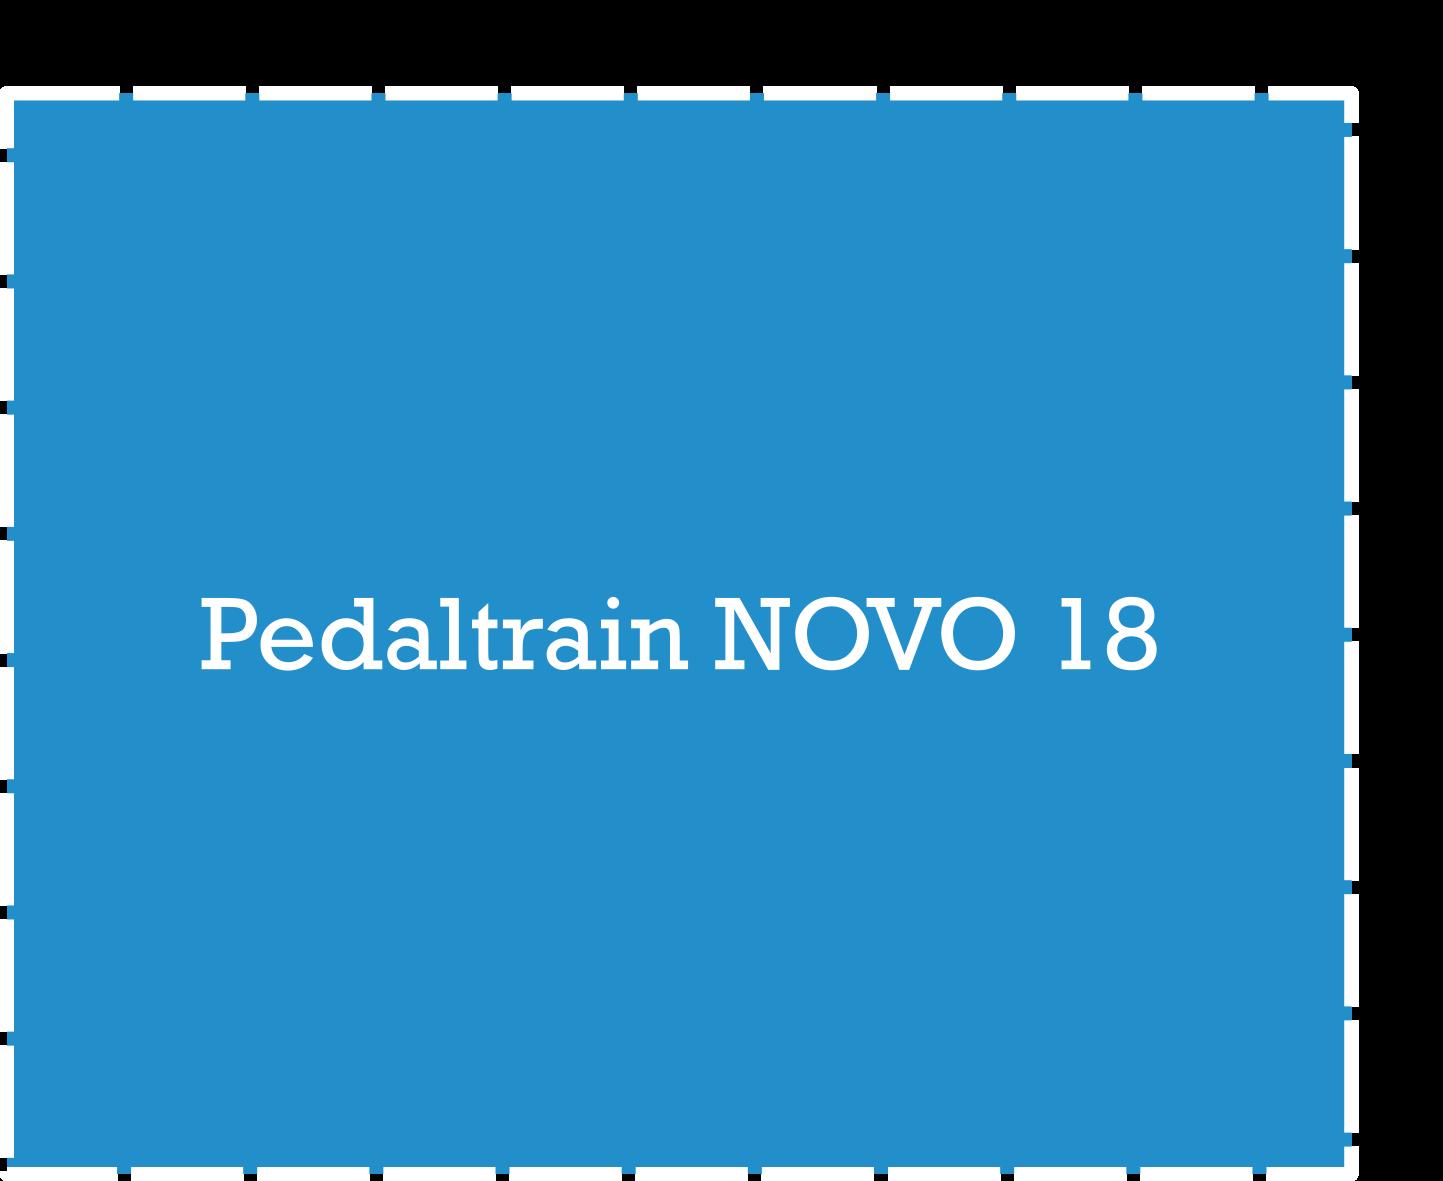 Pedaltrain NOVO 18 Pedalboard Dimensions